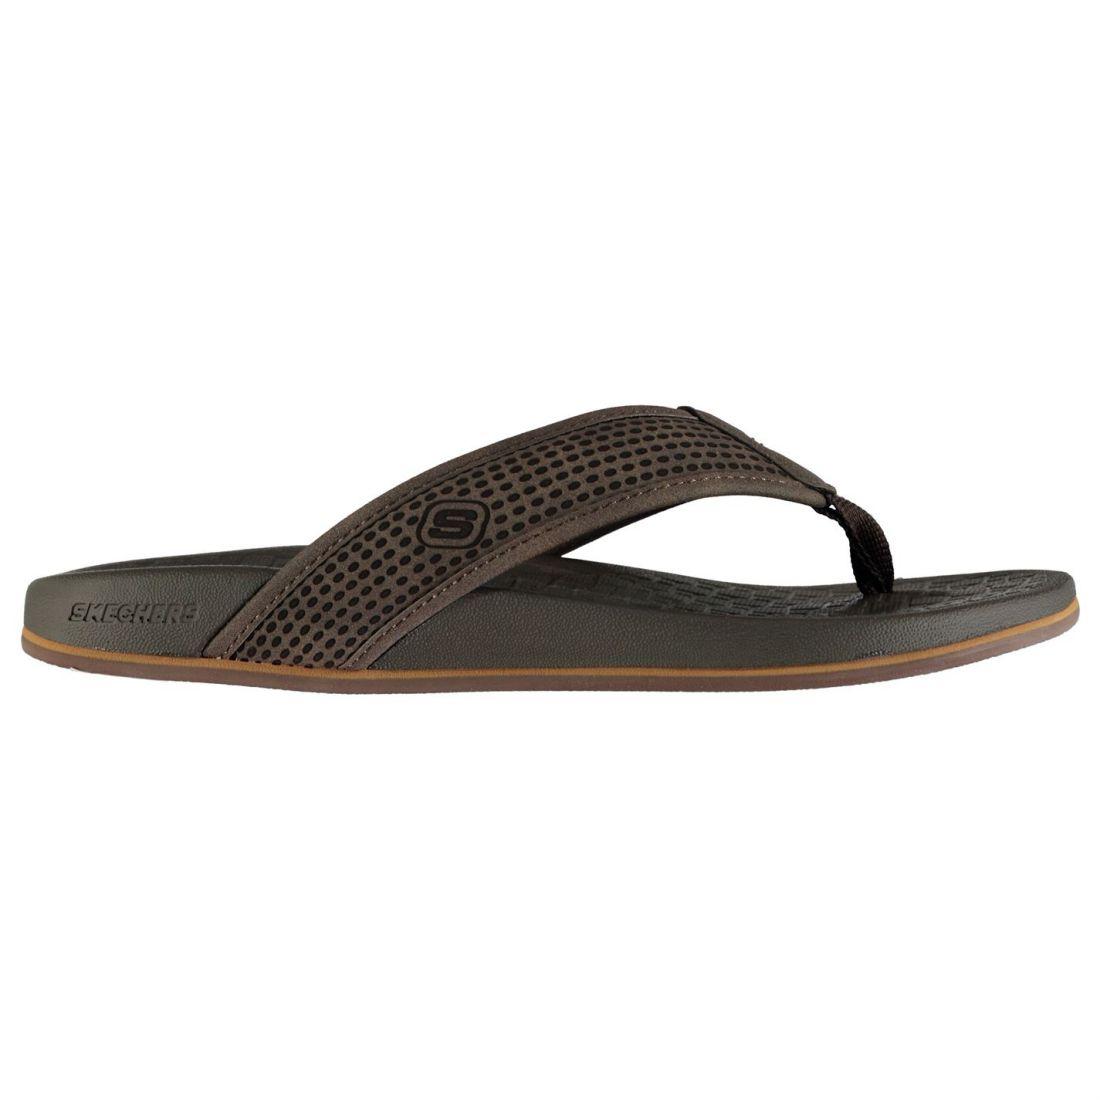 92e7d9966748 Details about Skechers Mens Pelem Emiro Flip Flops Strap Toe Post  Comfortable Fit Memory Foam